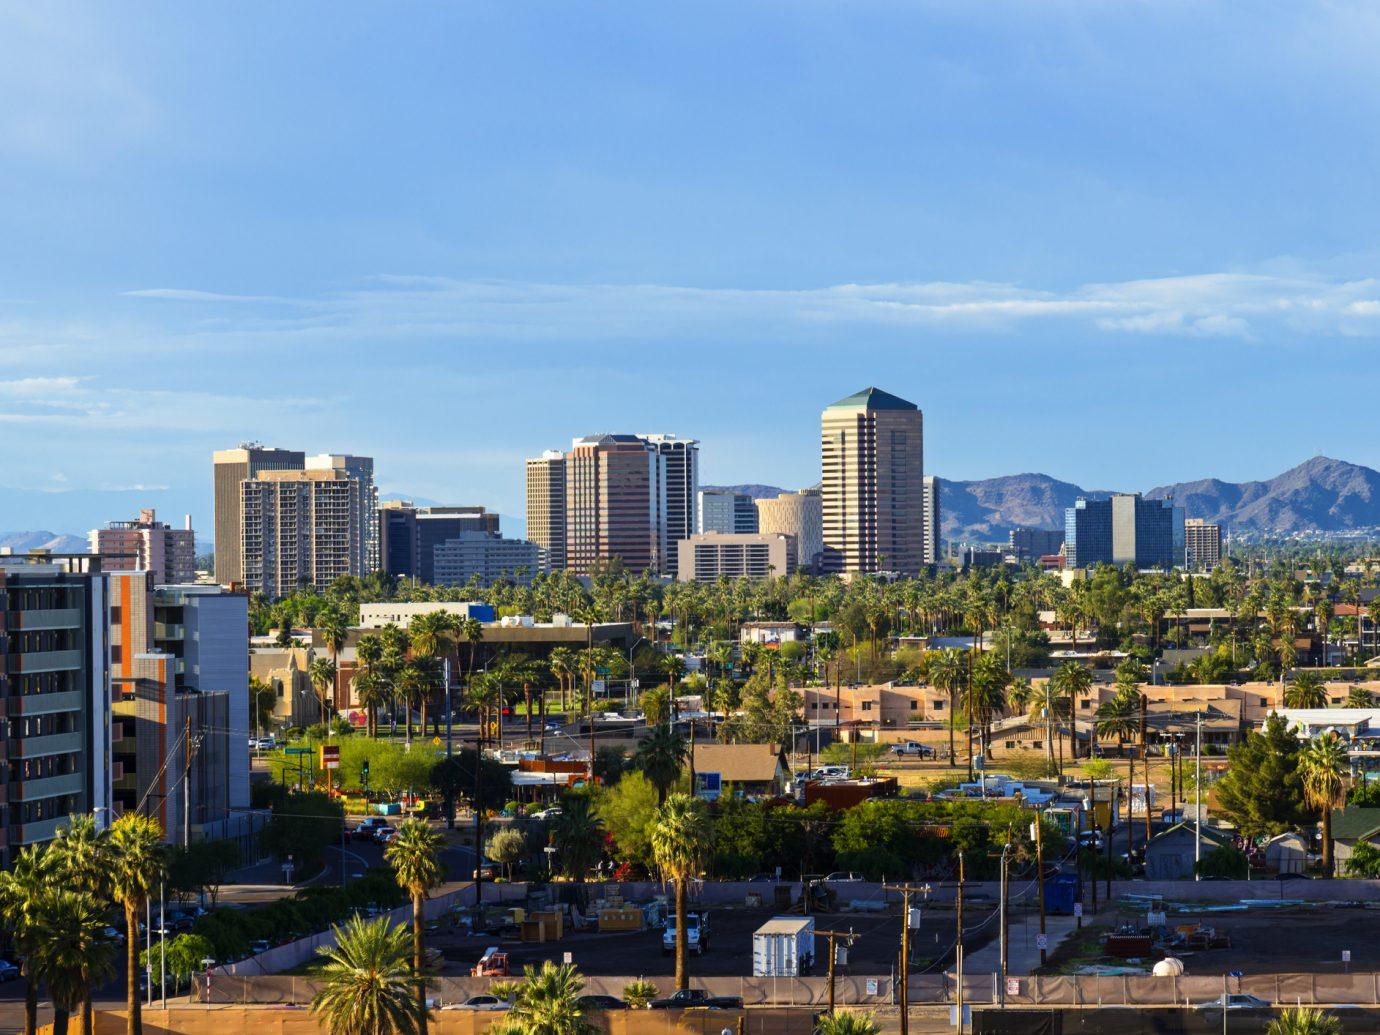 Downtown Scottsdale and suburbs of Phoenix, Arizona